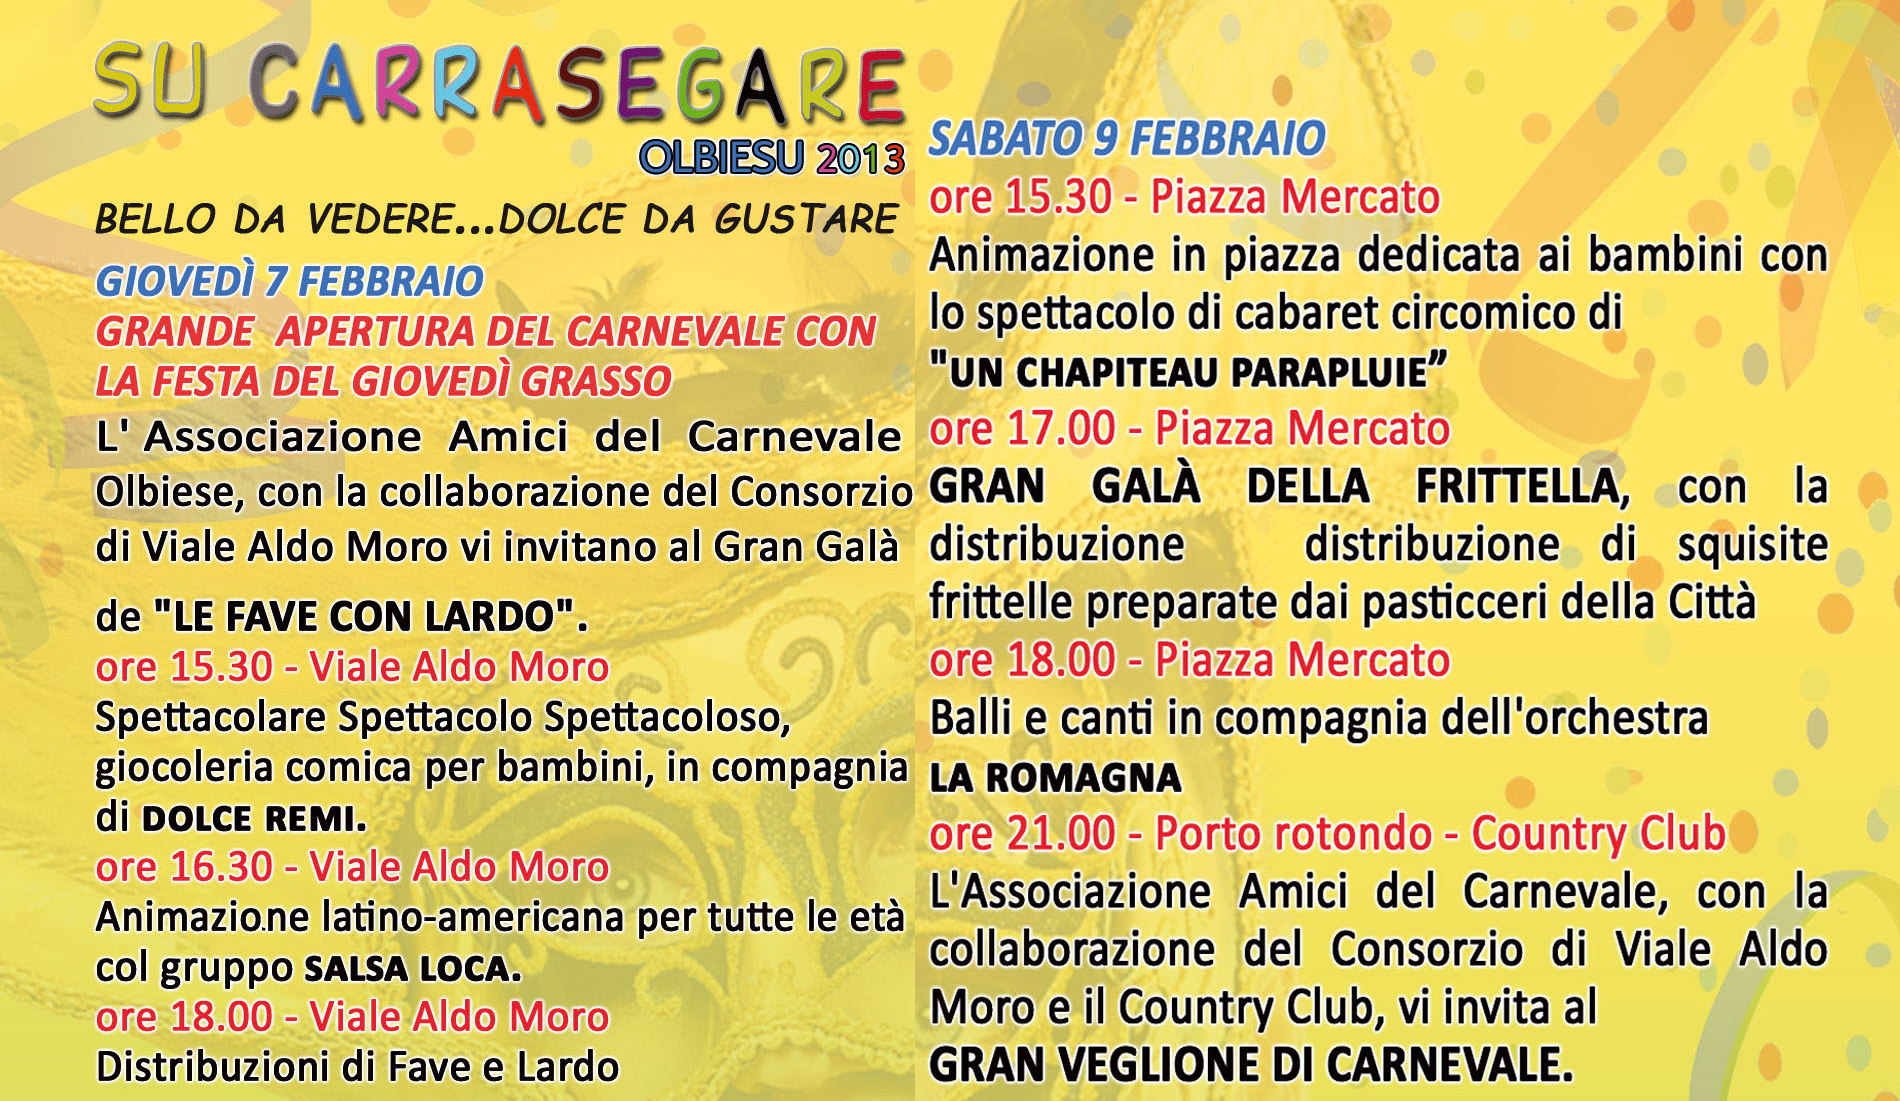 carrasegare olbia giovedi 7 febbraio 2013, Programma completo giovedì  7 e Sabato 9 Febbraio 2013 carrasegare Olbiesu